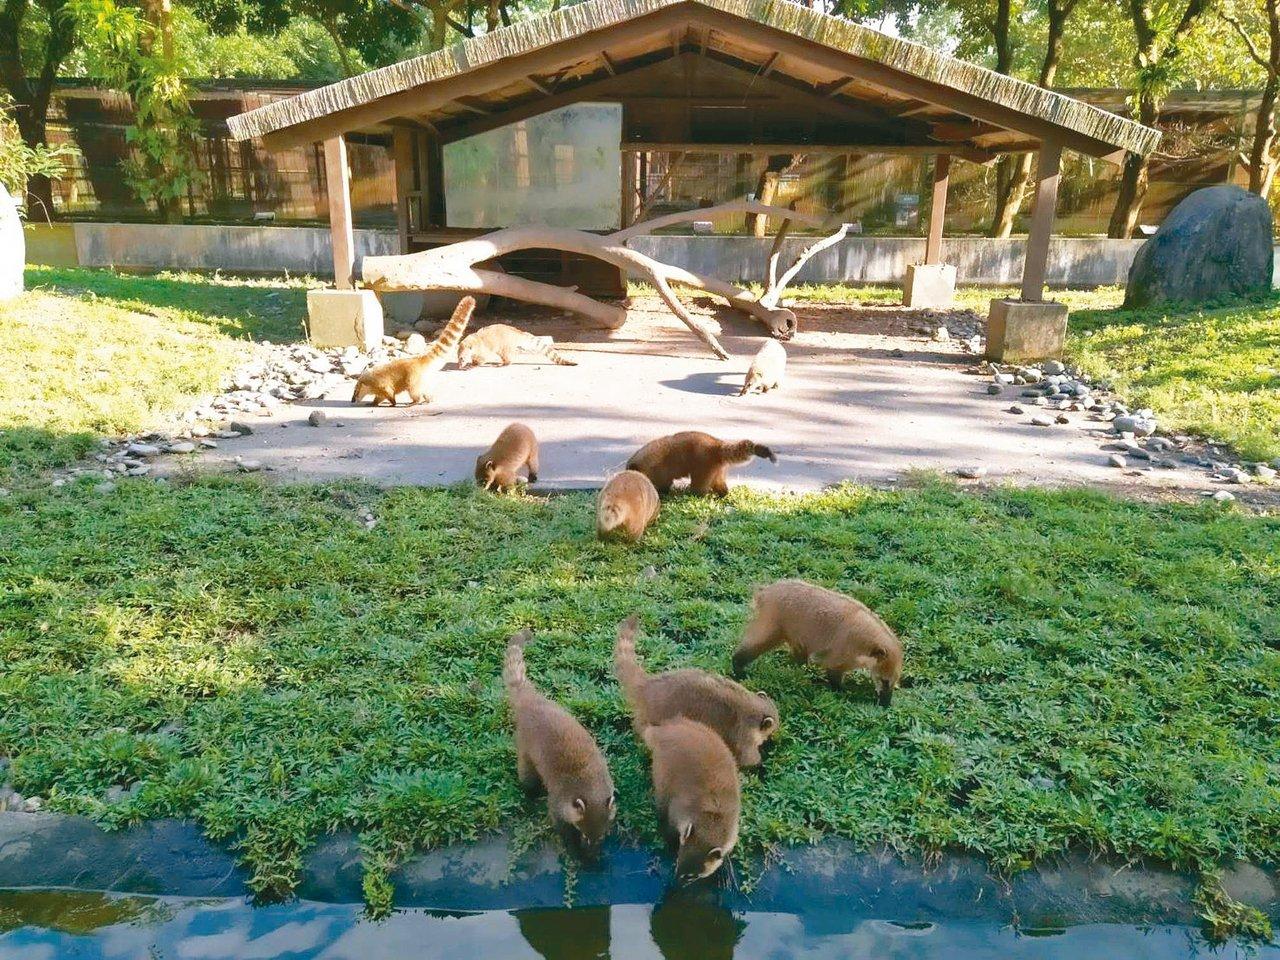 高雄壽山動物園將有新成員加入,與花蓮新光兆豐農場進行動物交流計畫,要引進長鼻浣熊...